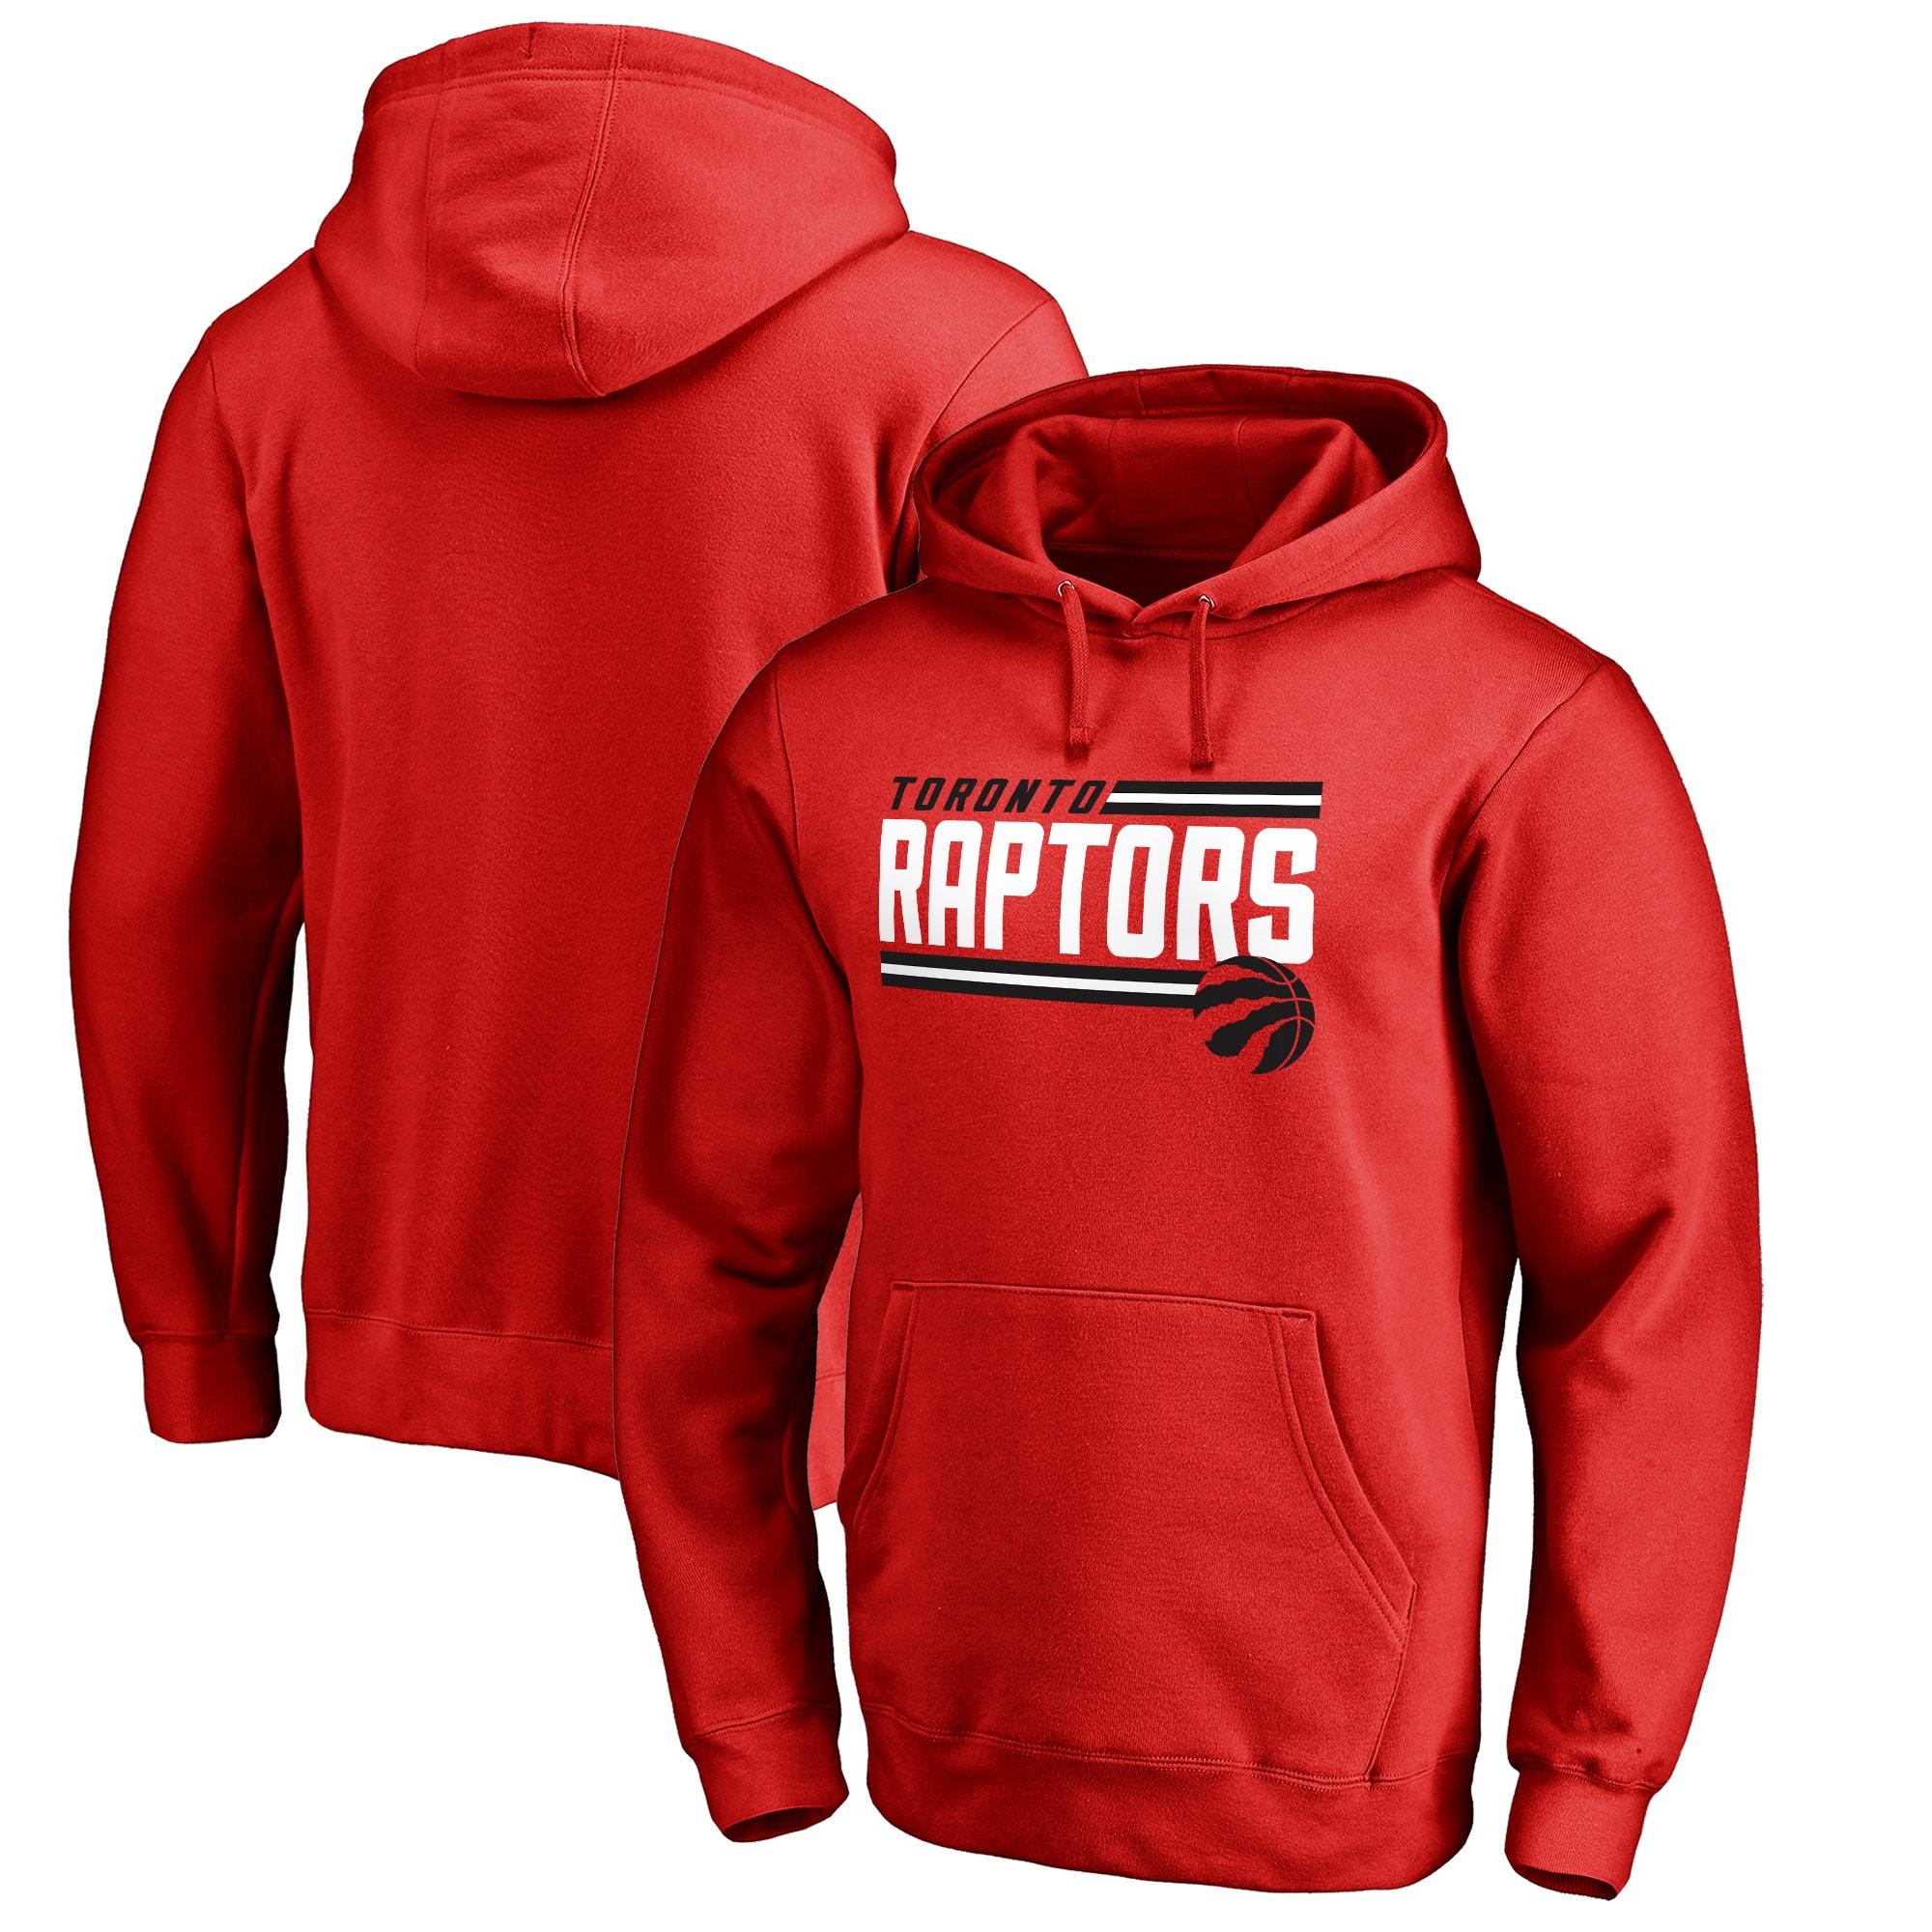 Toronto Raptors Fanatics Branded Onside Stripe Pullover Hoodie - Red